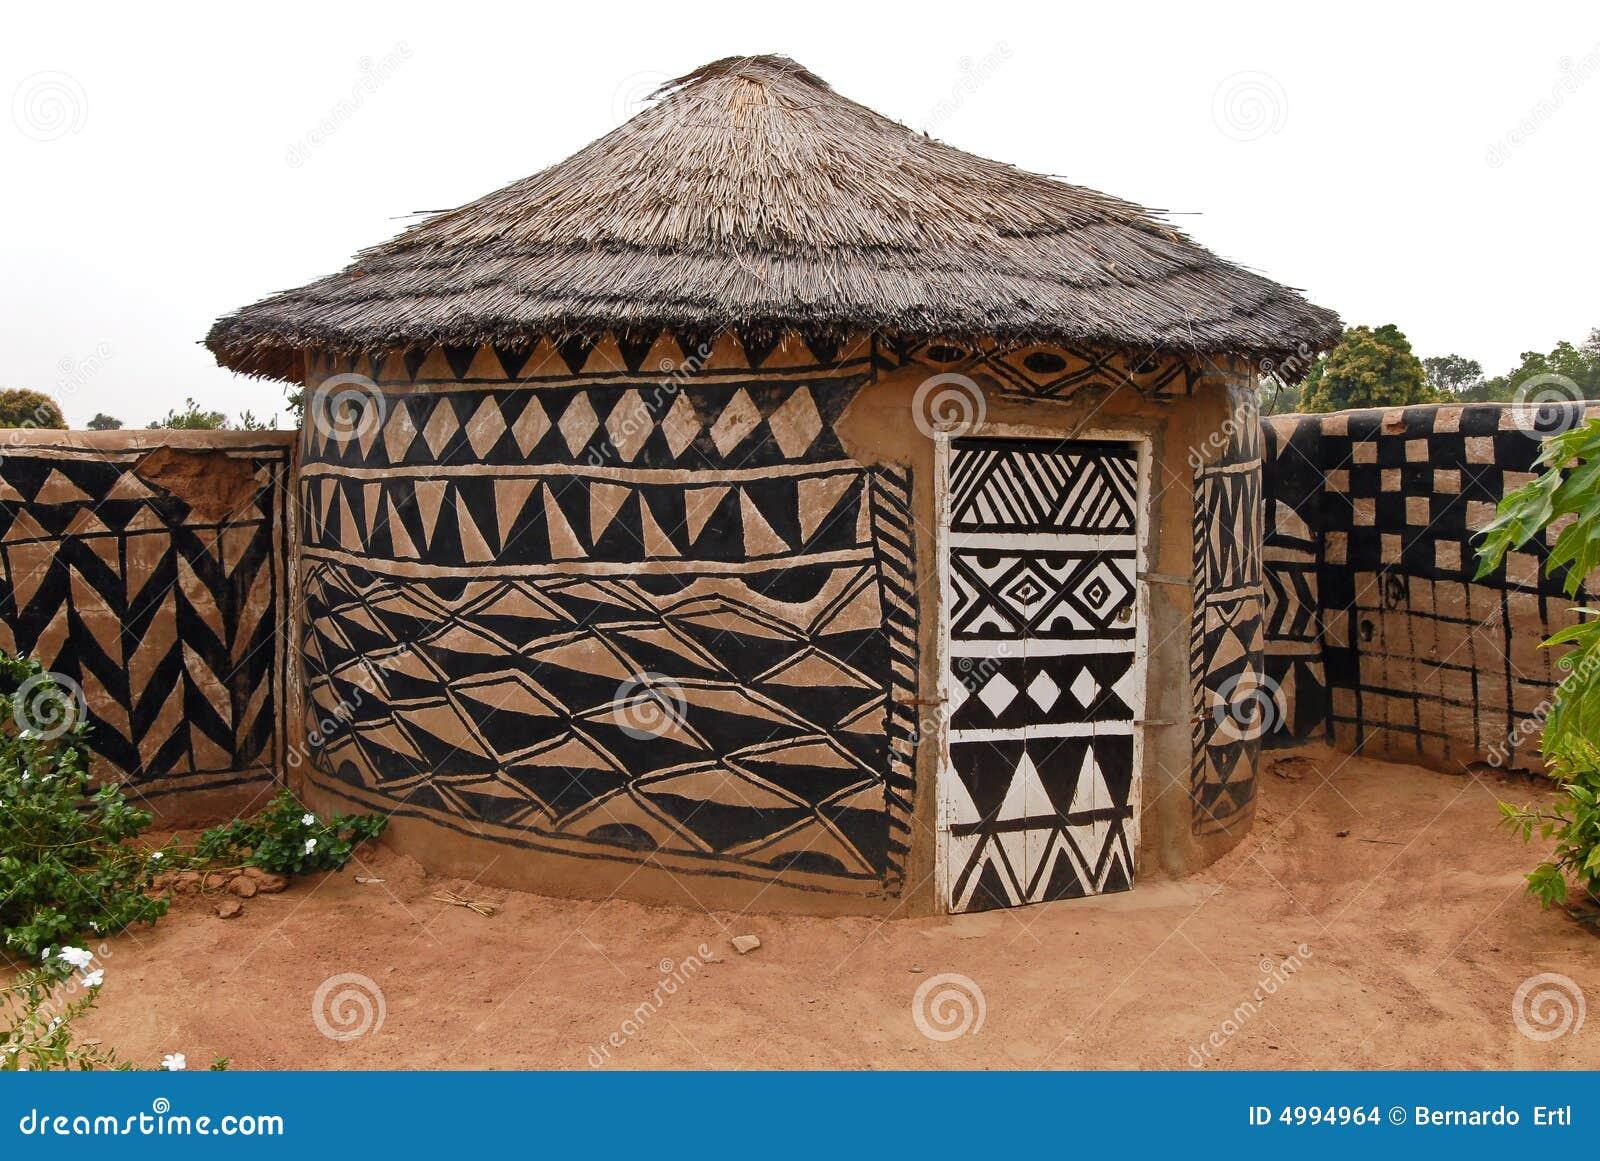 Afrikanische Ziegelsteinhütte